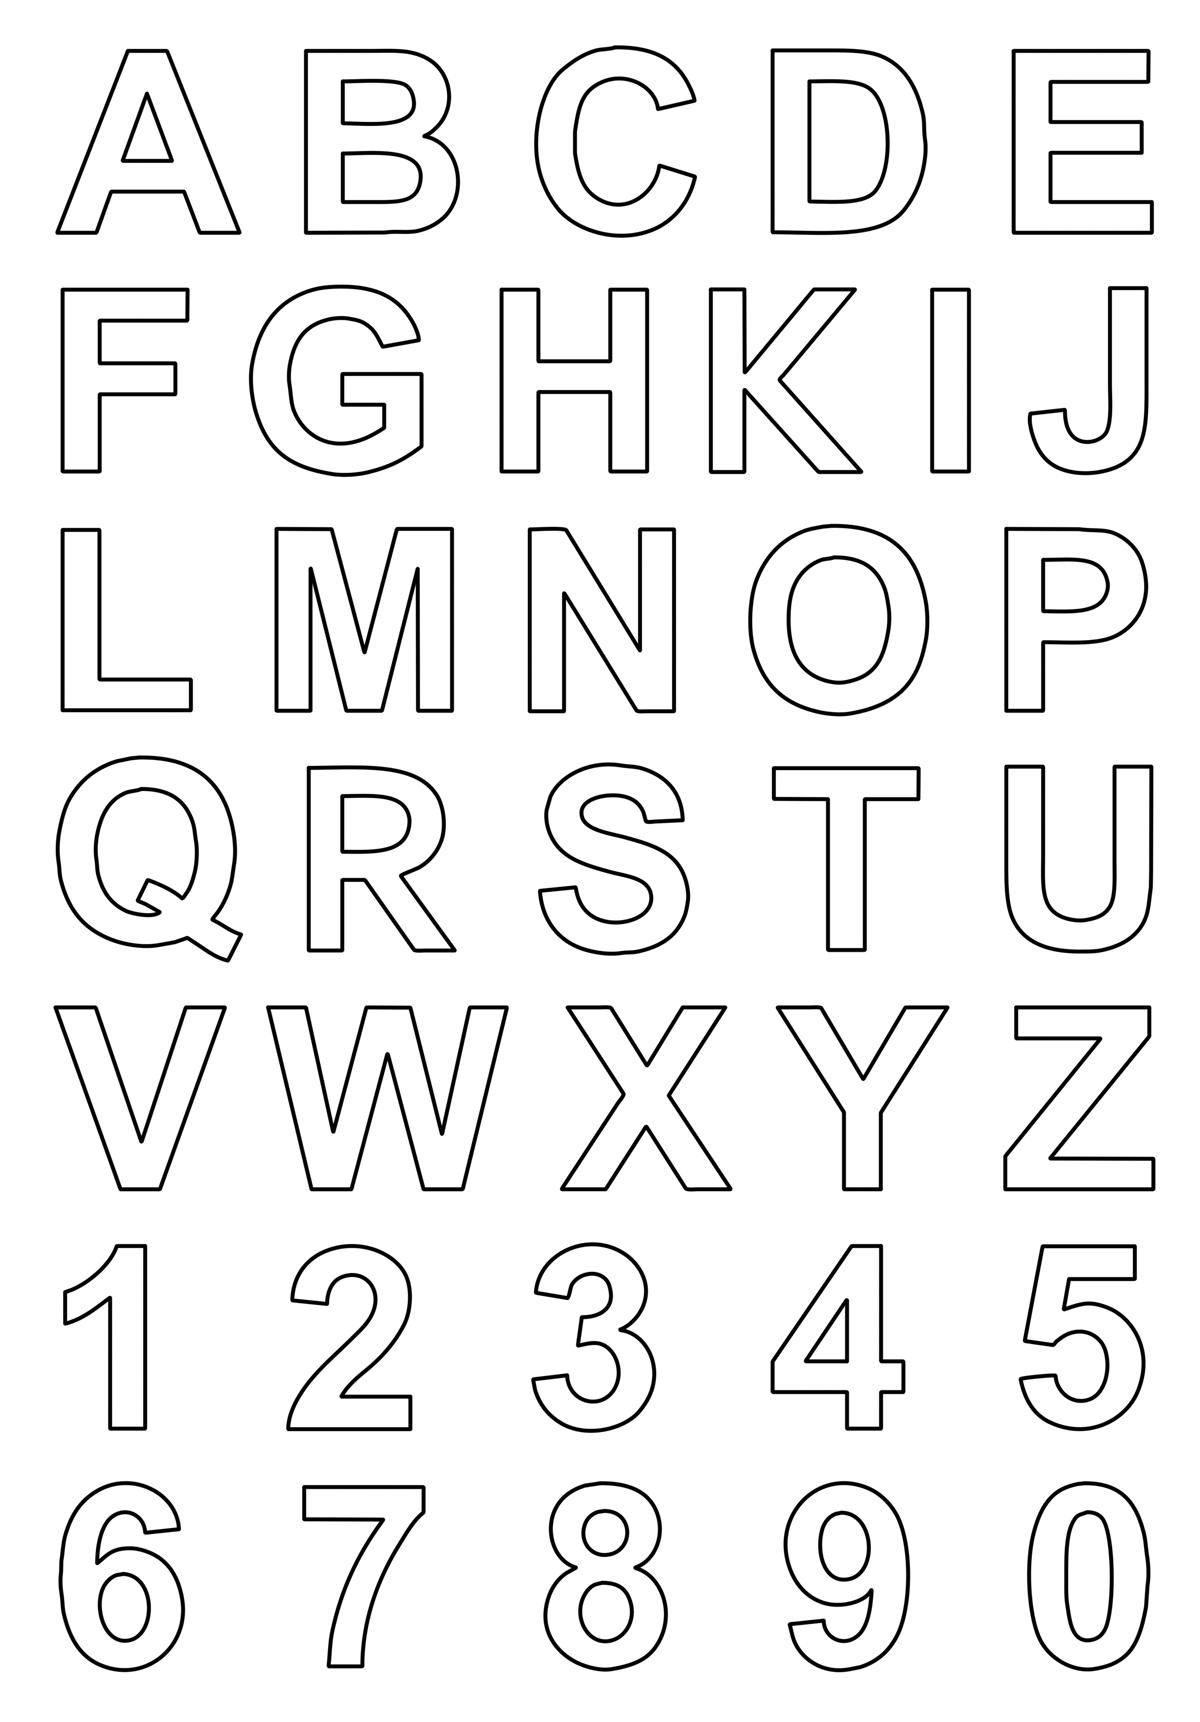 Lettere e numeri lettere e numeri stampatello - Numeri per tavoli da stampare ...